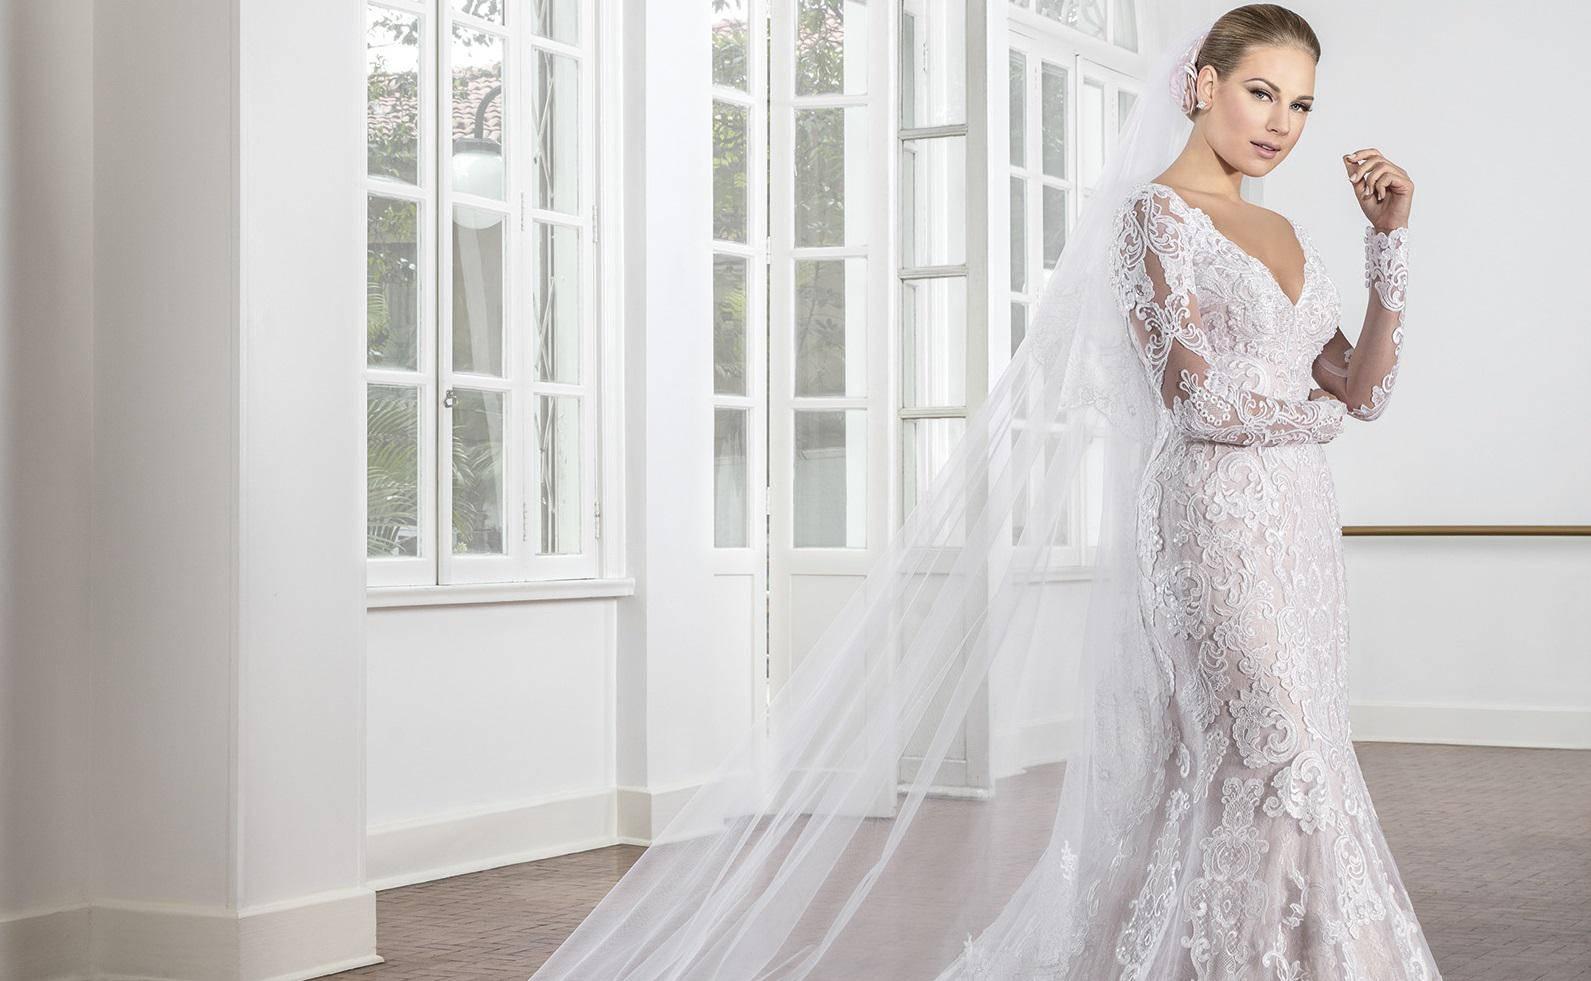 www.juicysantos.com.br - santos maison vestidos de noiva em santos sp